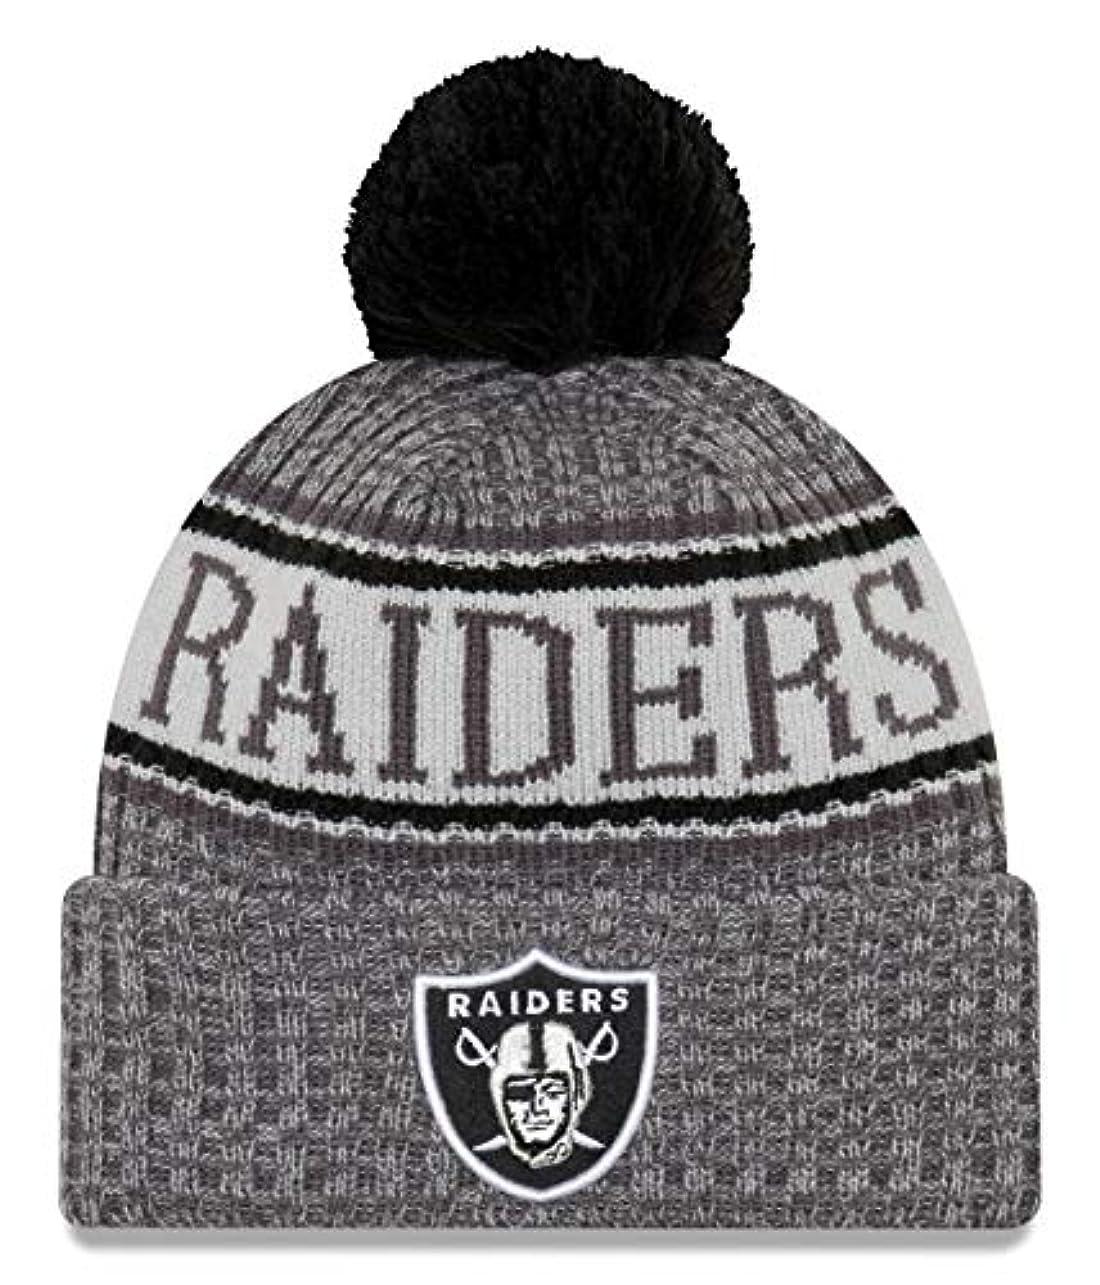 テーブル役職ハロウィンニューエラ (New Era) NFL サイドライン 黒鉛 ビーニー帽 オークランド?レイダーズ (Oakland Raiders)